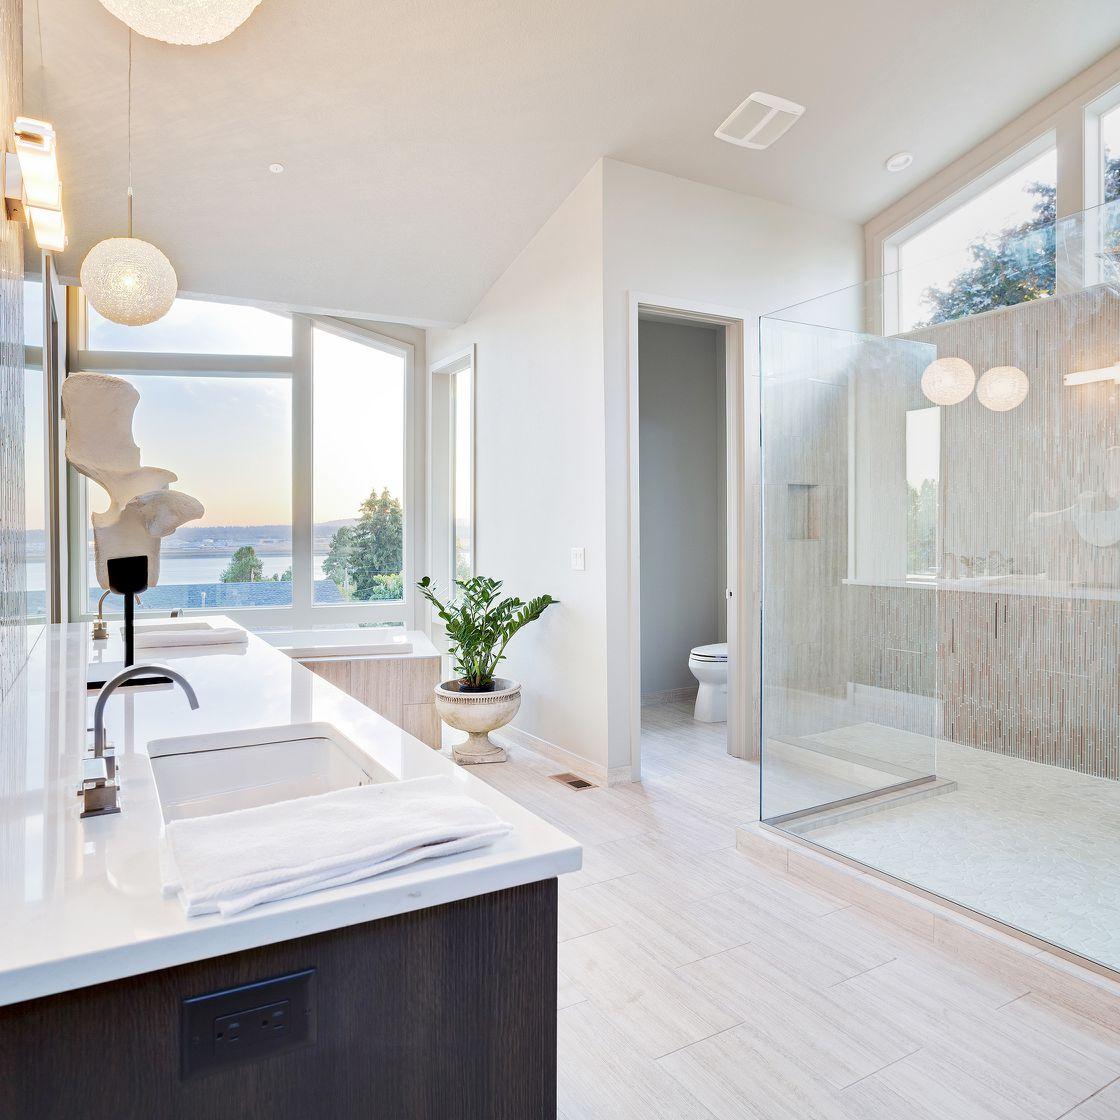 Natürliche Beleuchtung Tageslicht für große Badezimmer